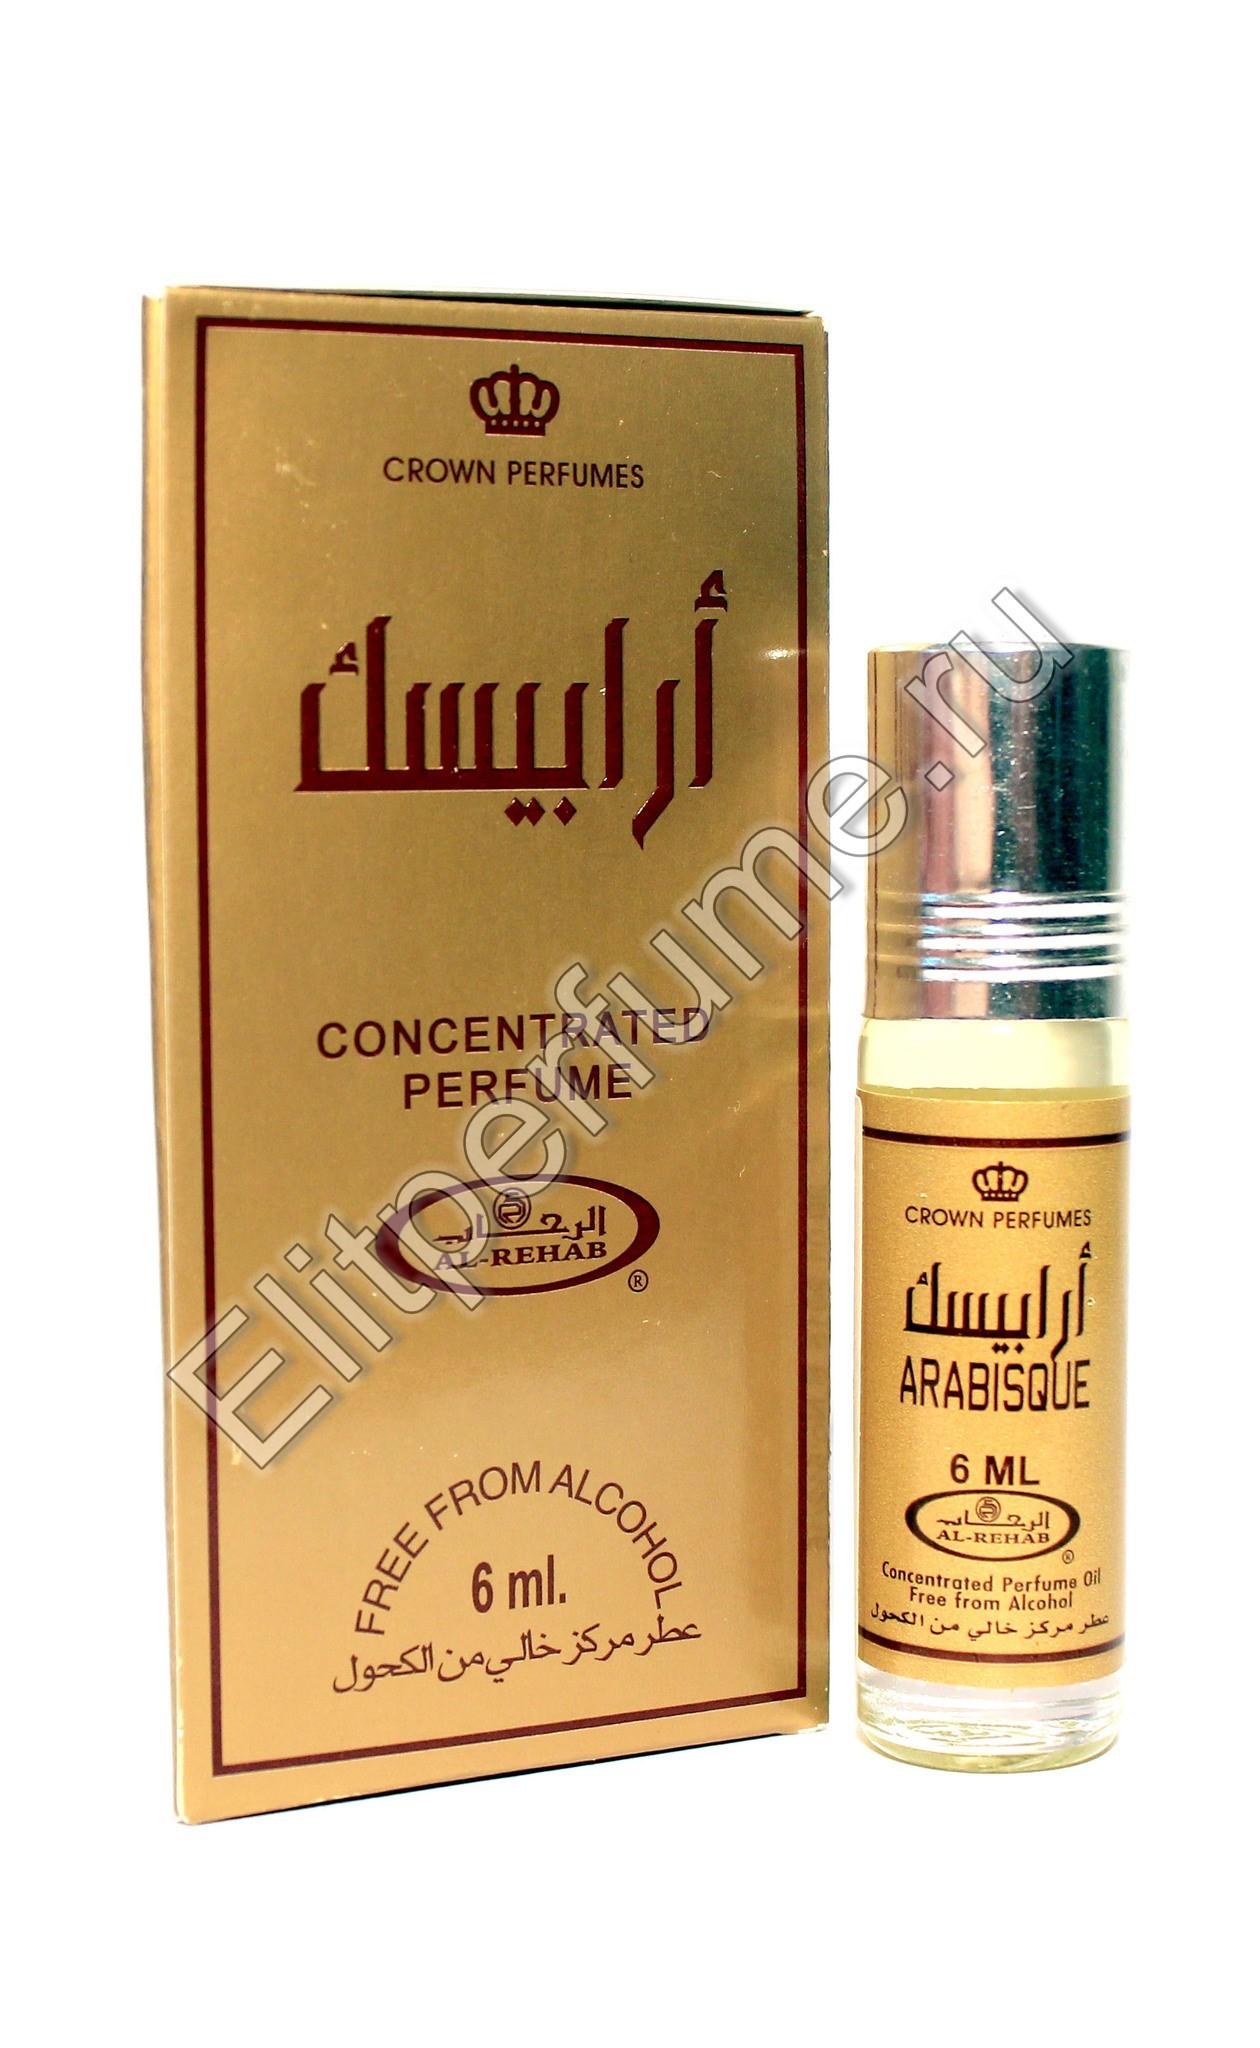 Arabesque Арабеске 6 мл арабские масляные духи от Аль Рехаб Al Rehab